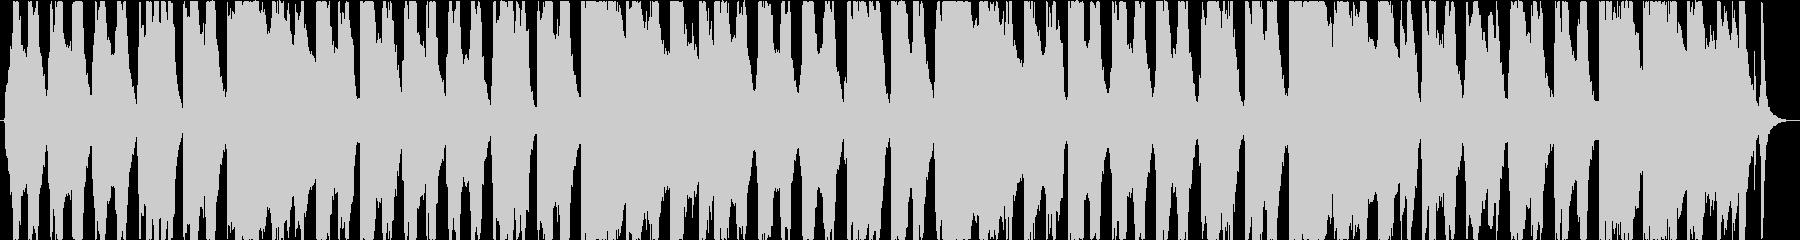 爽やかウクレレポップスの未再生の波形